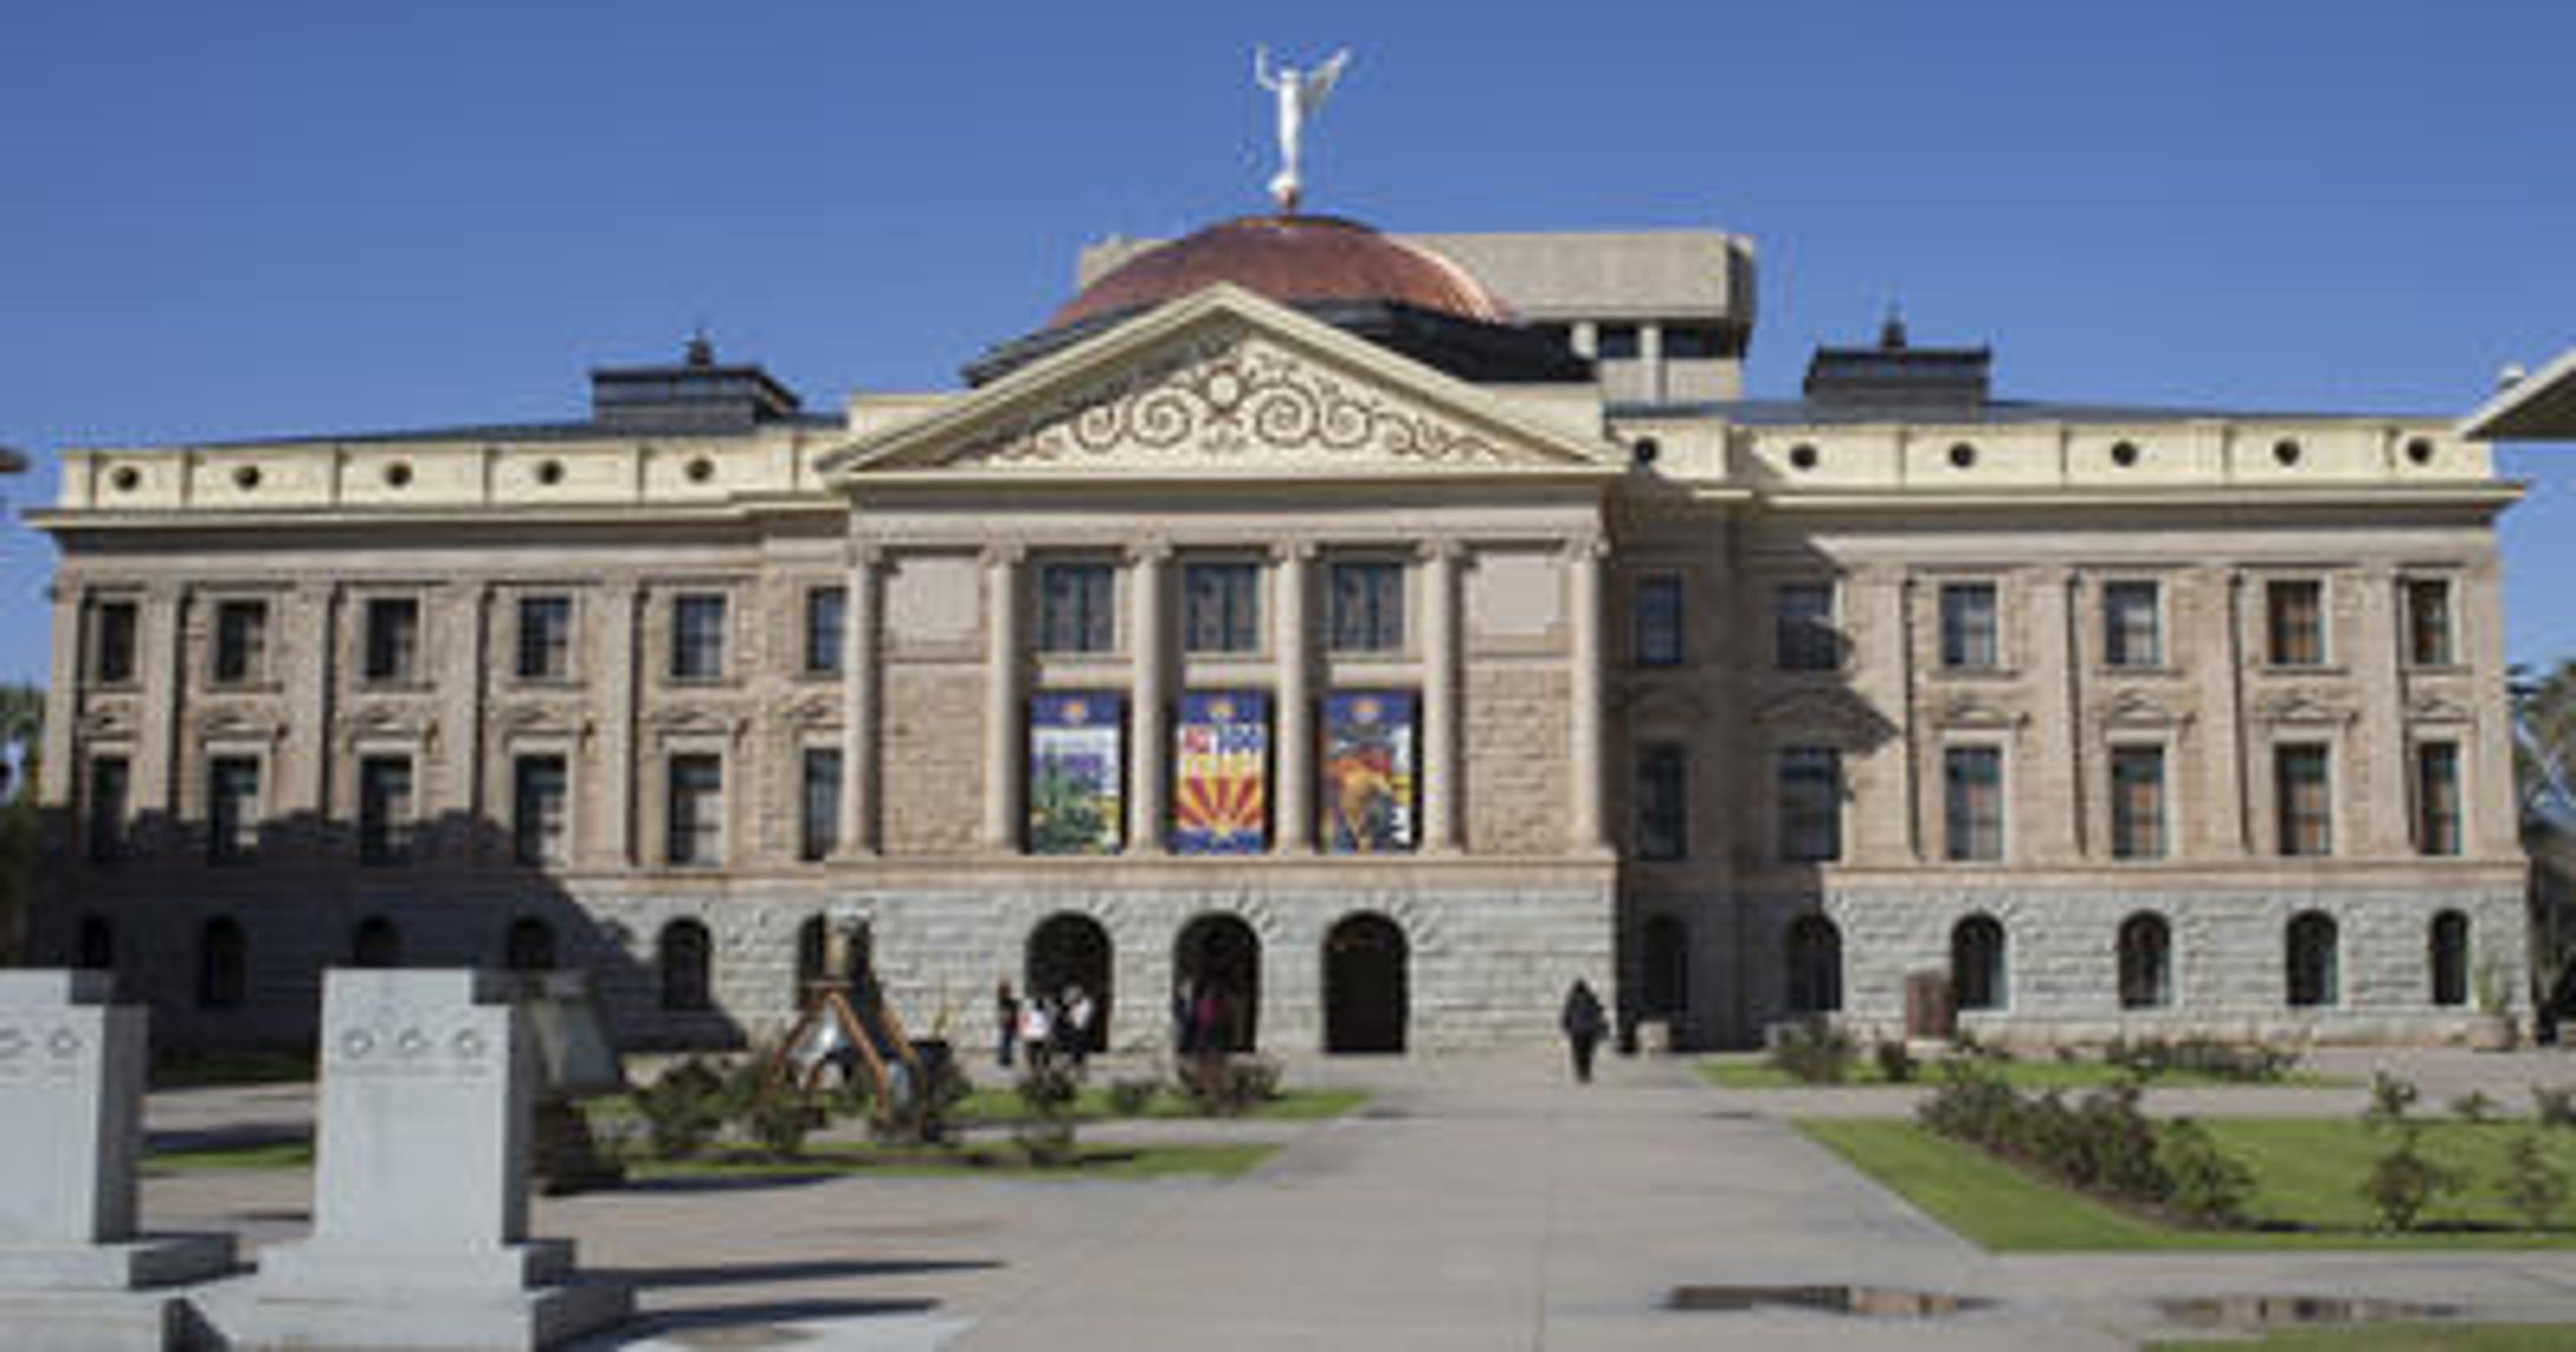 Arizona animal-cruelty bill advances despite criticism